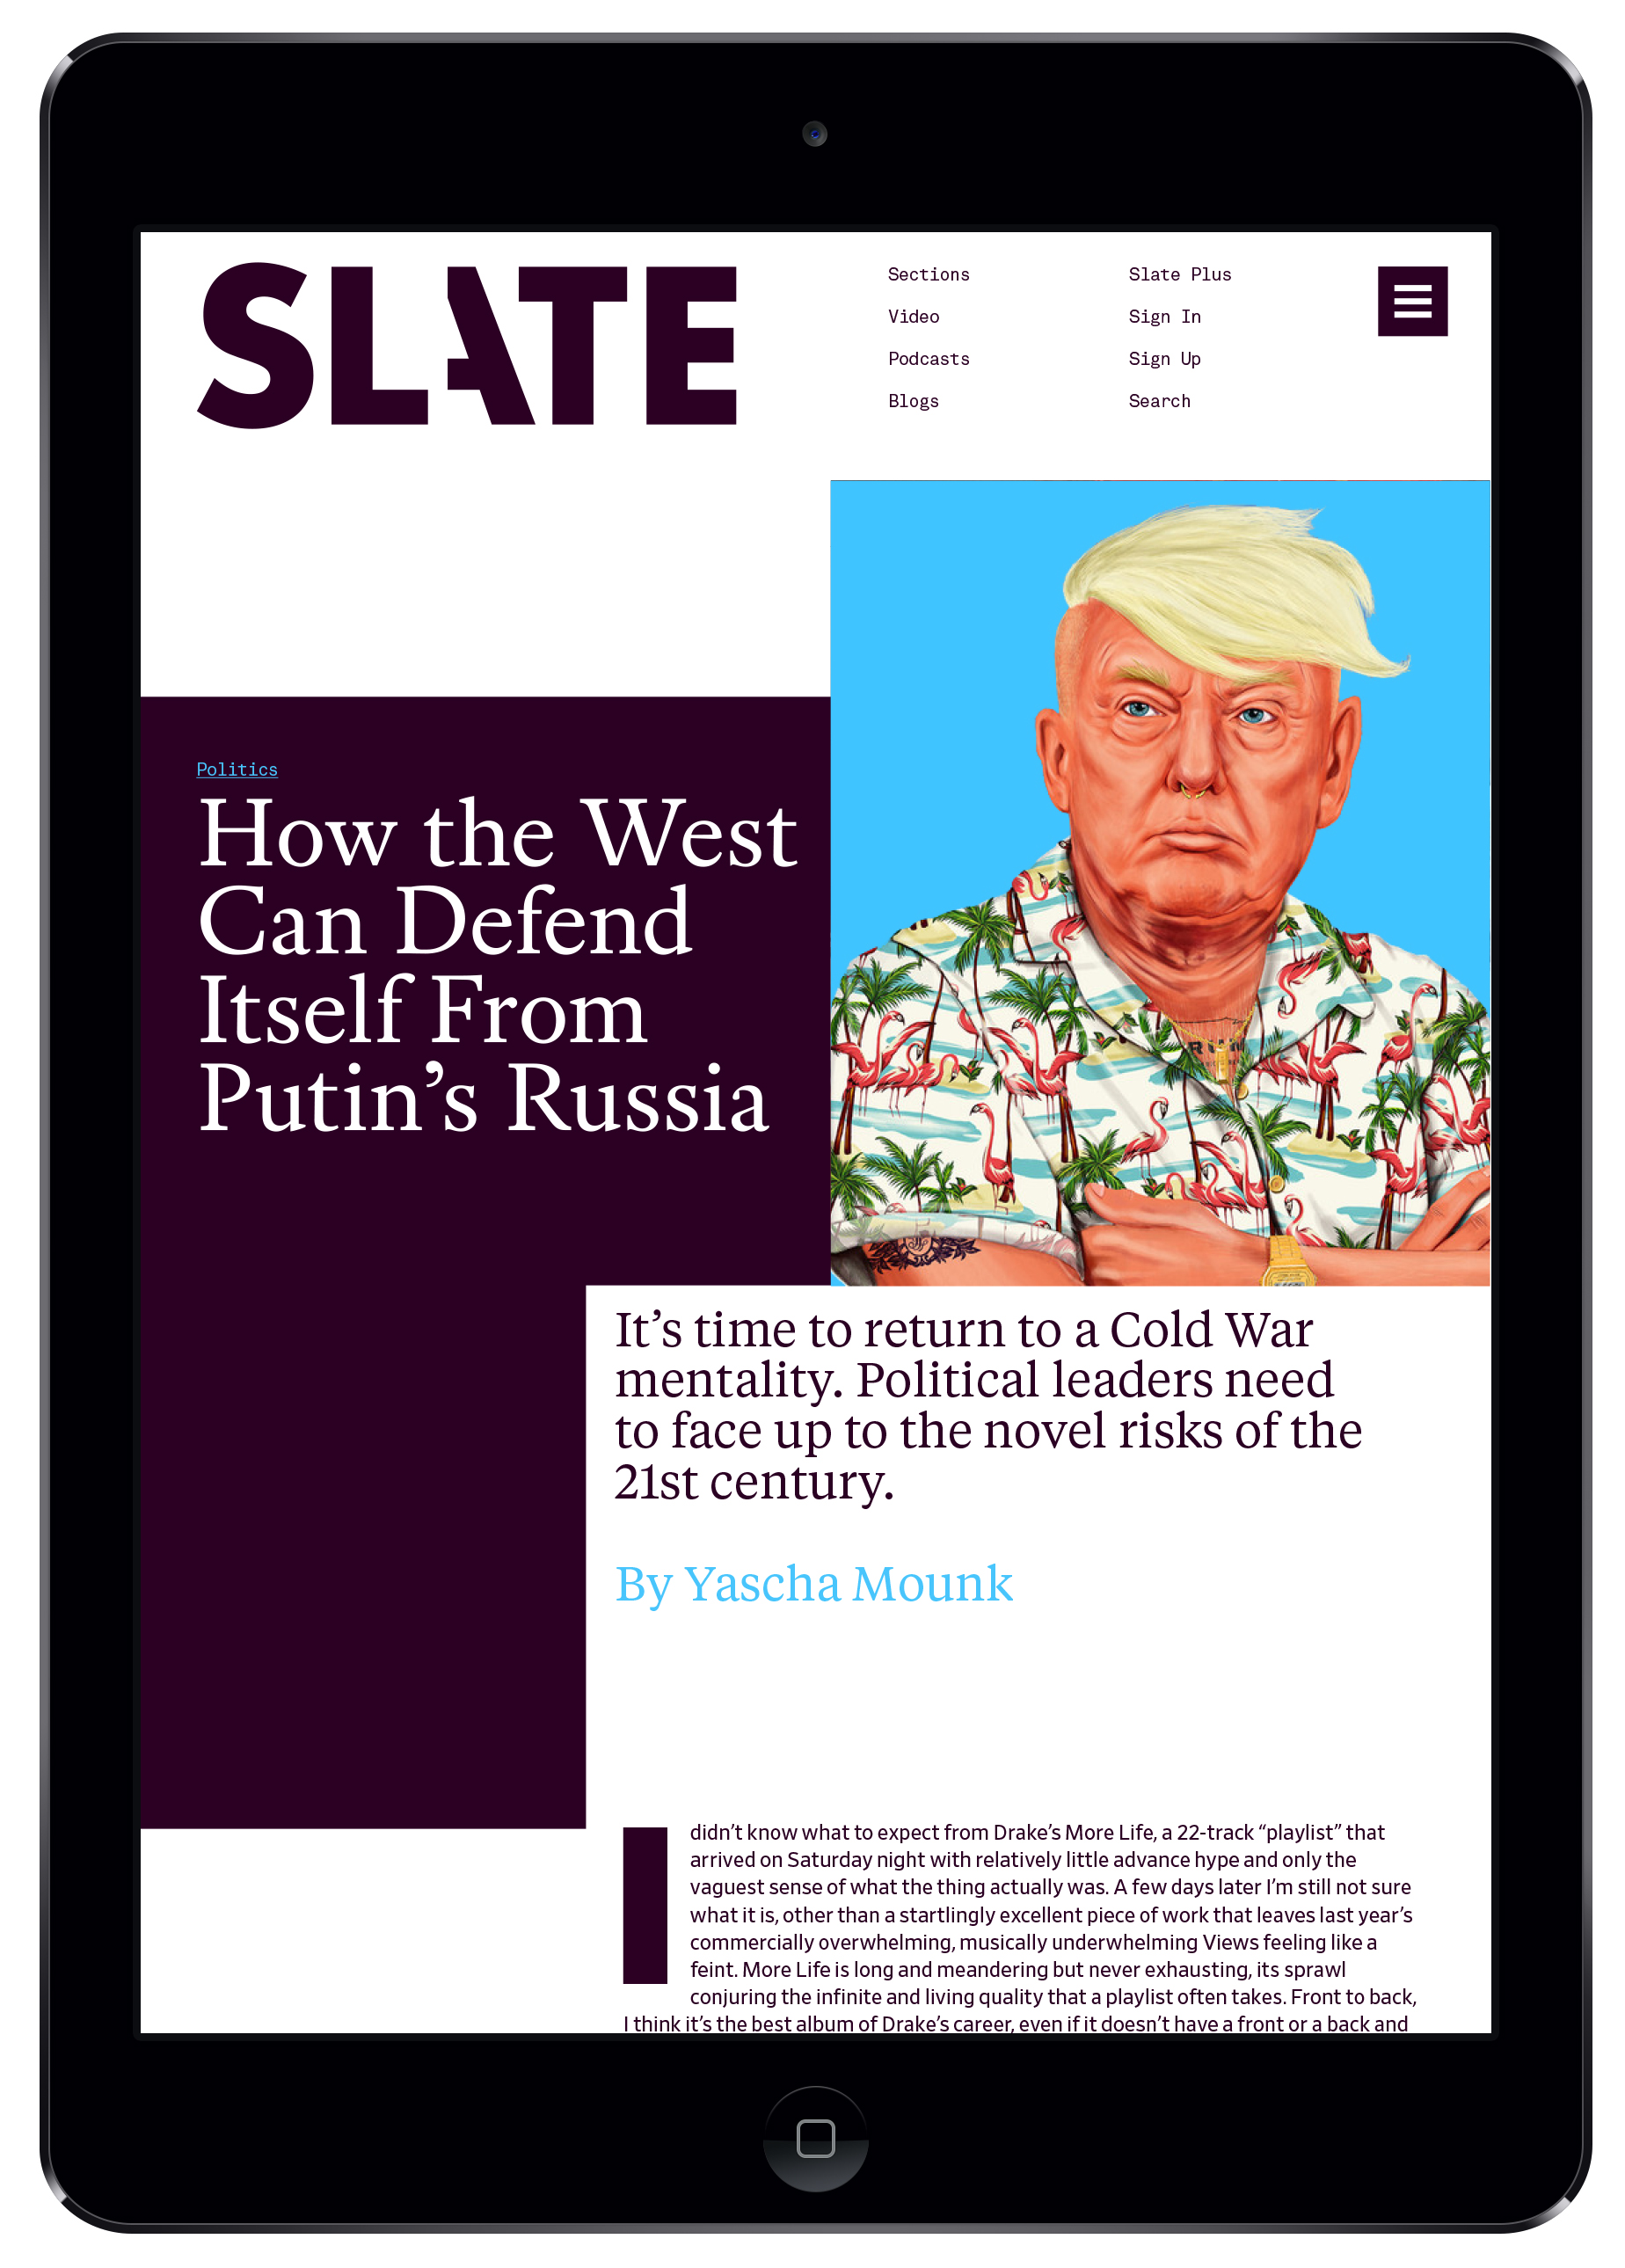 03_Slate_Website_Article_Spectrum.jpg